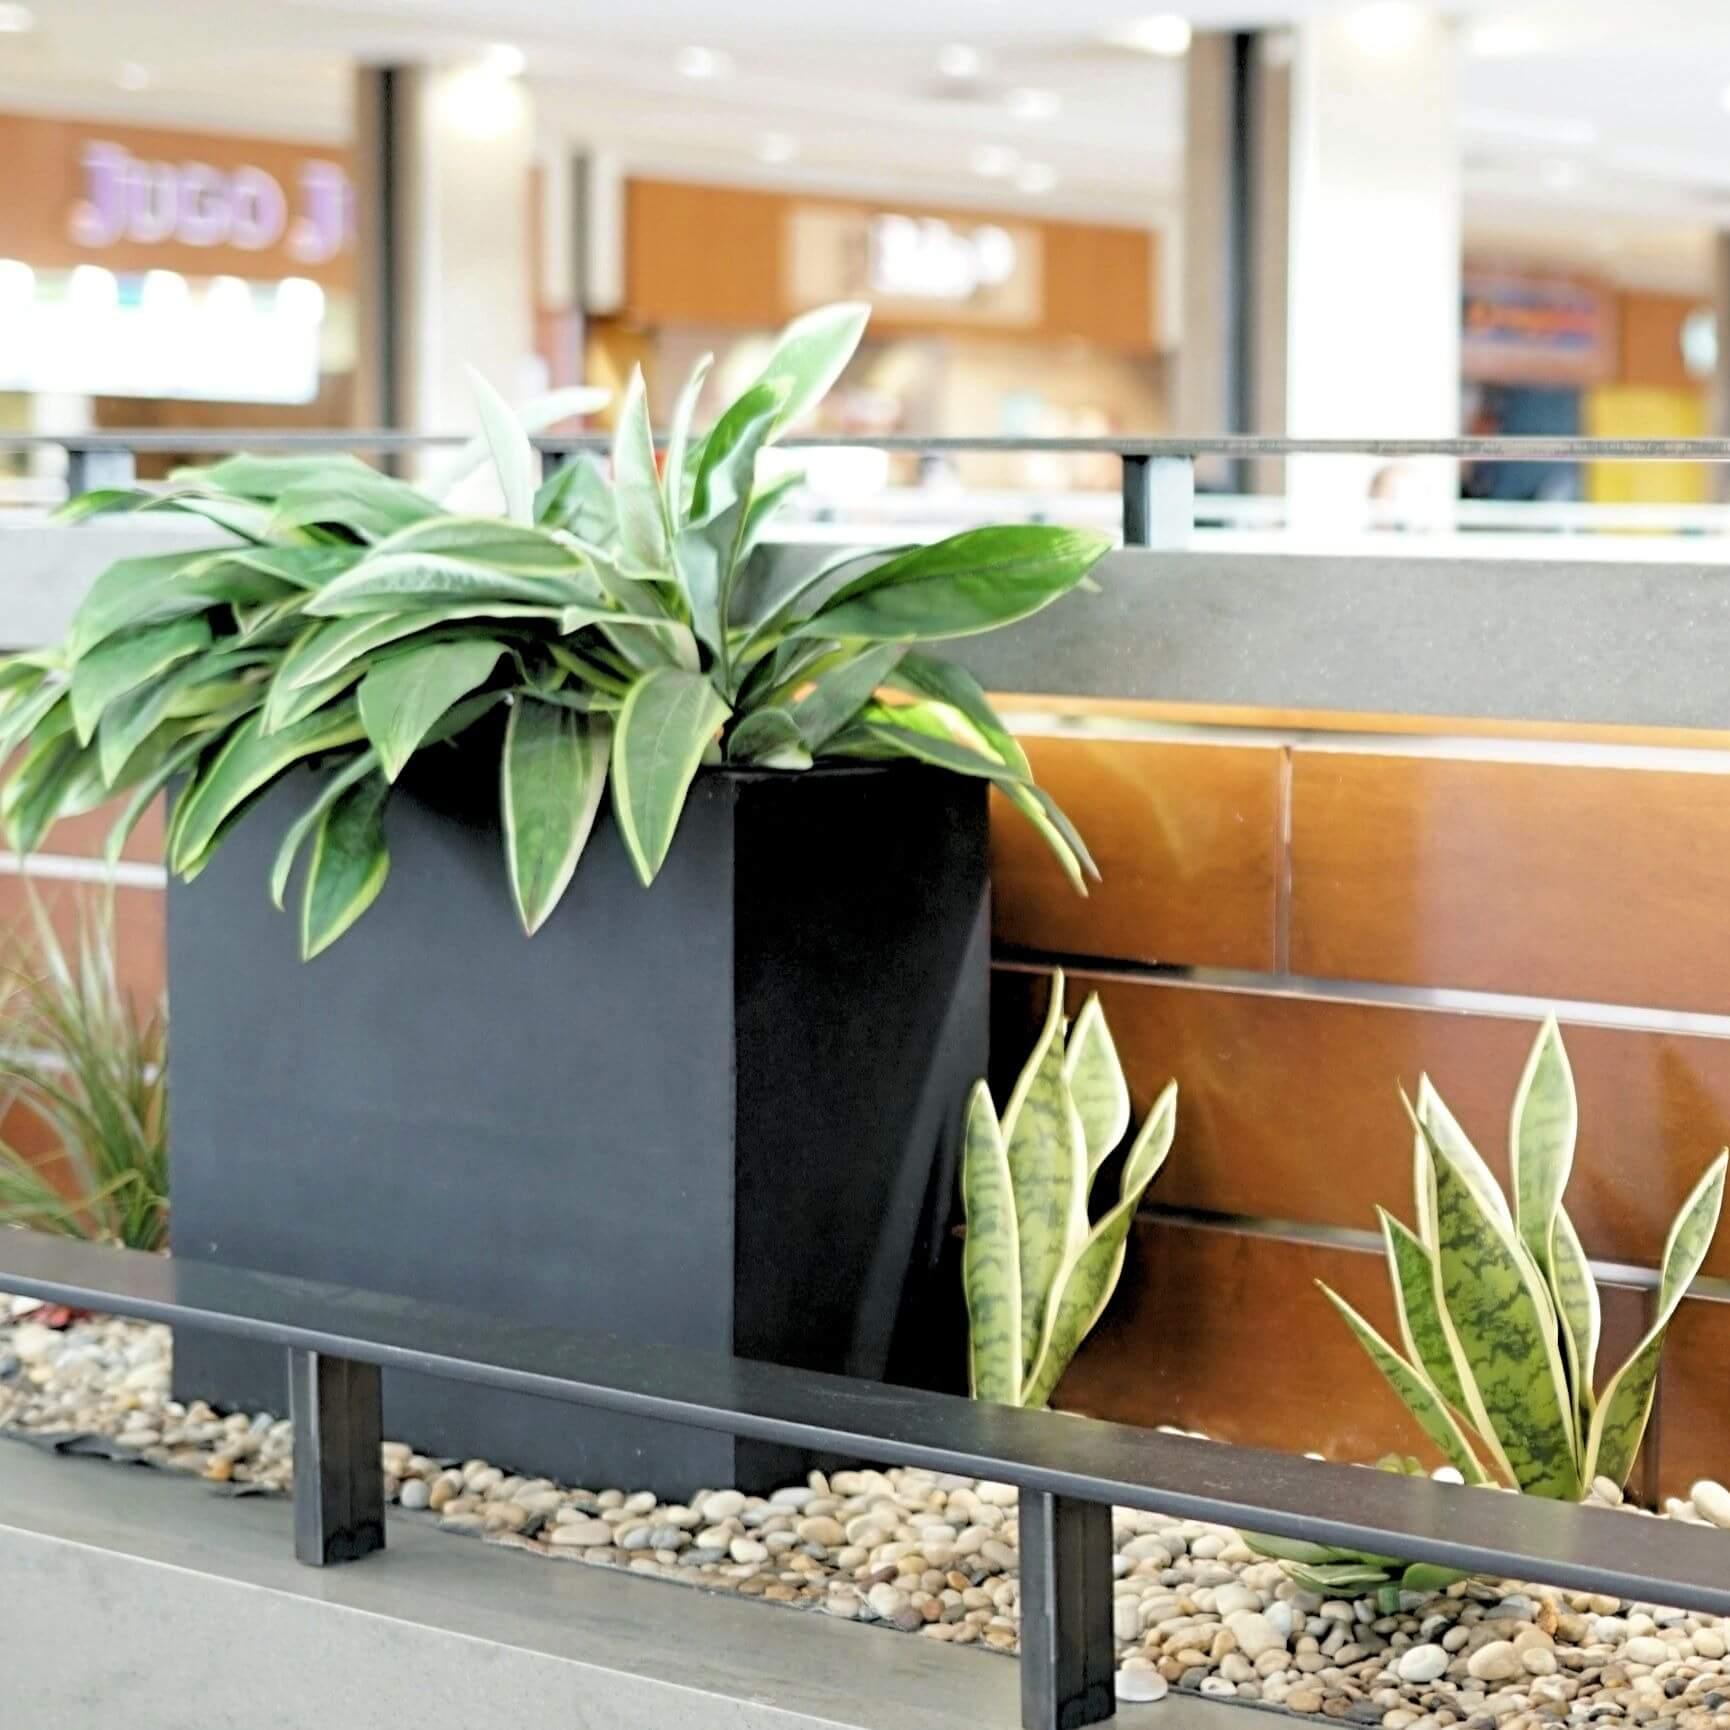 Planter box at Kingsway